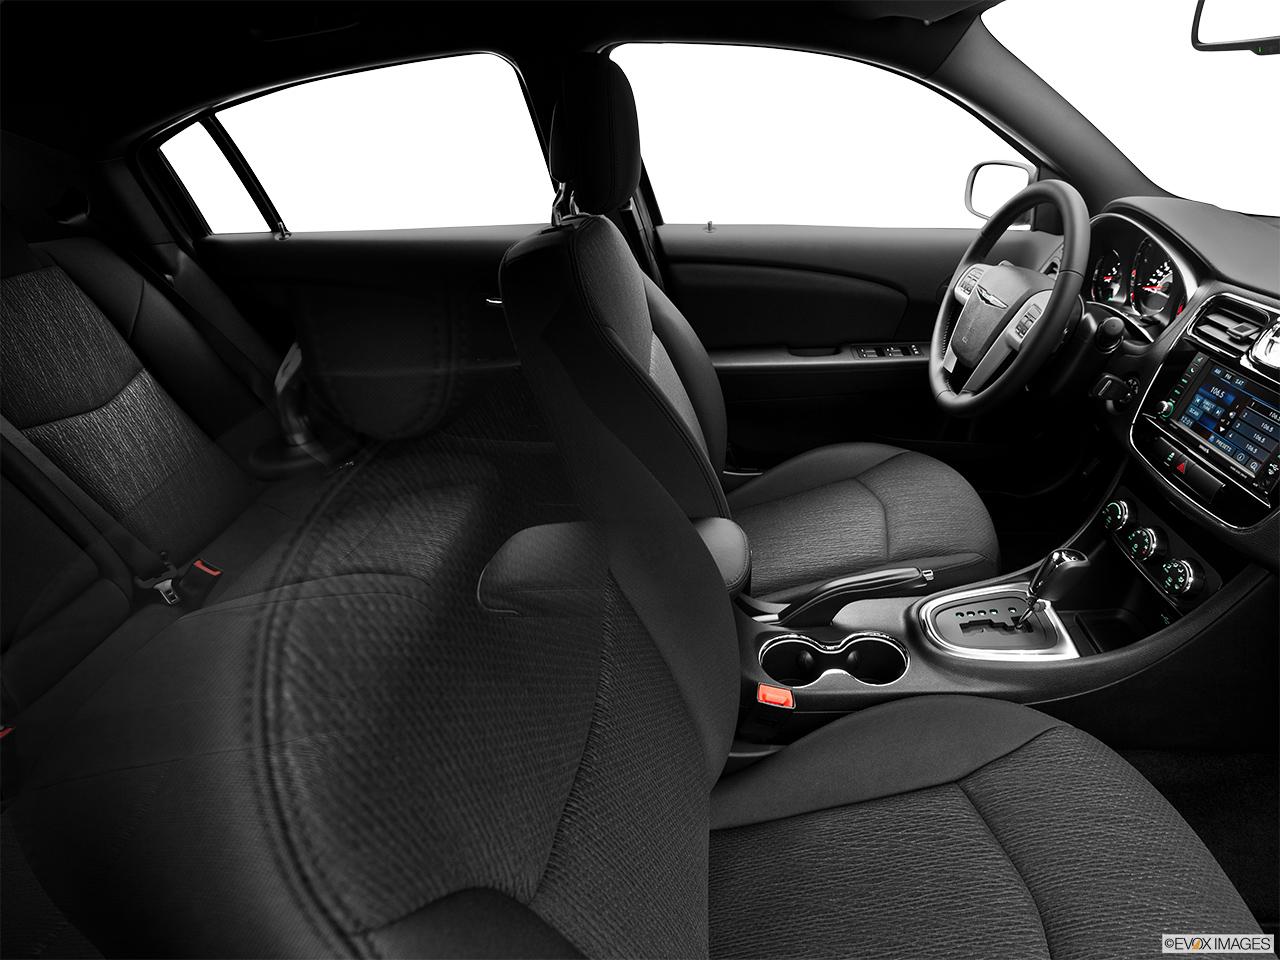 2014 chrysler 200 interior. 2014 chrysler 200 sedan touring fake buck shot interior from passenger b pillar